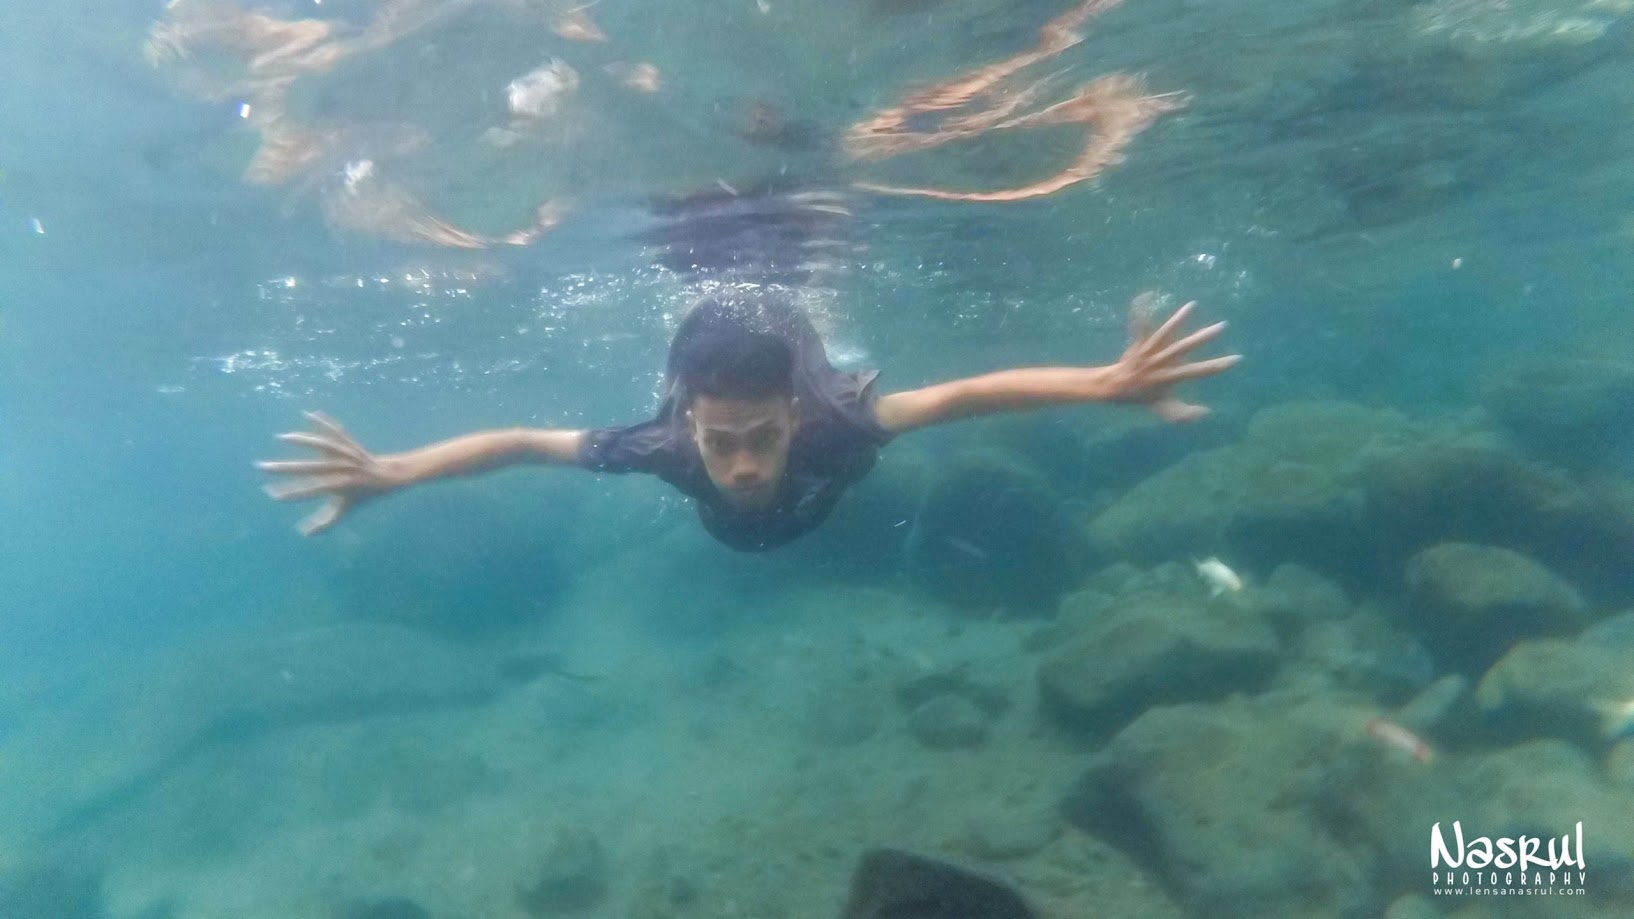 Sambil belajar berenang sambil menahan dingin